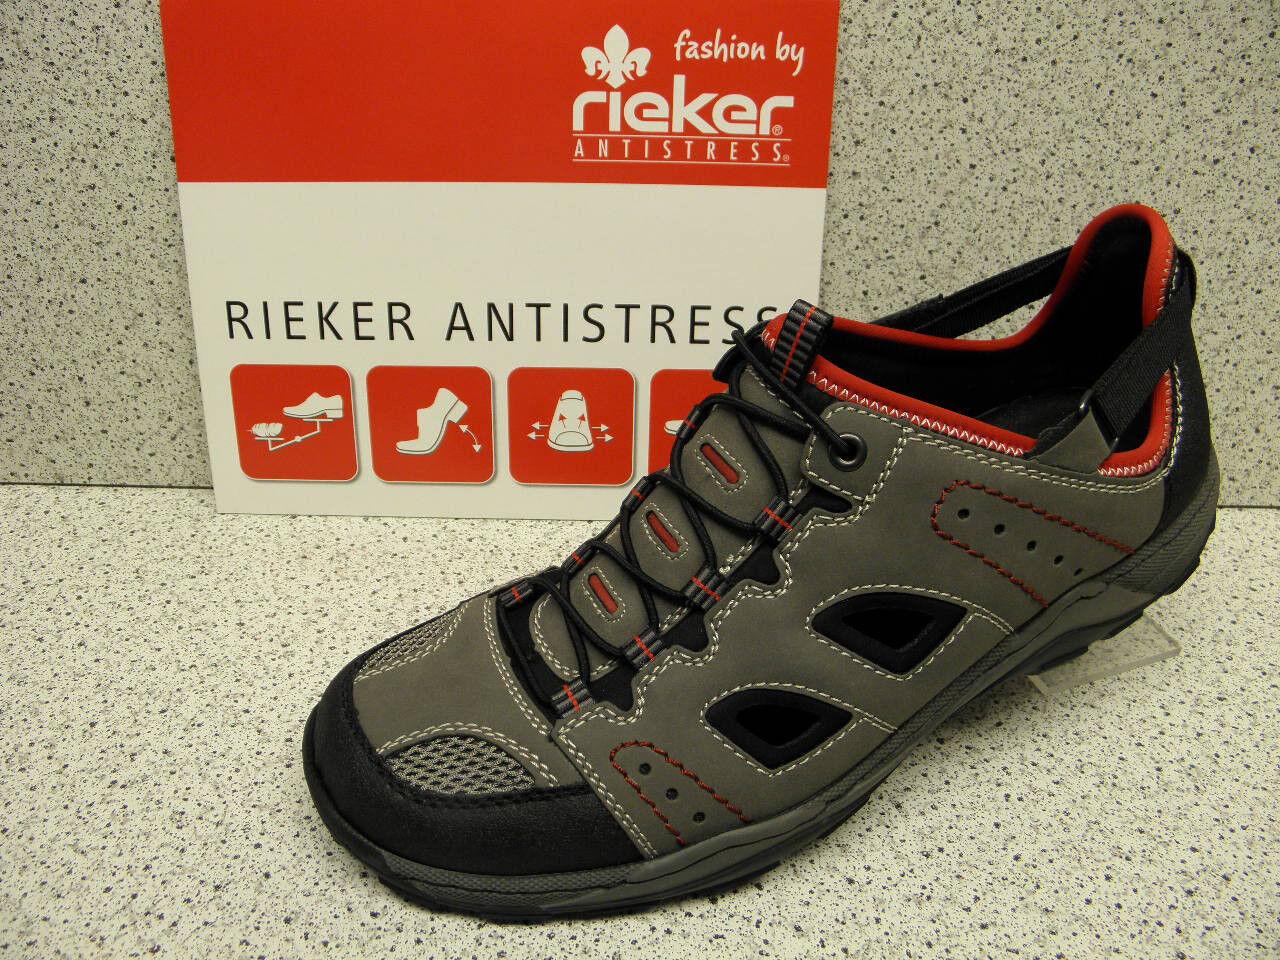 Rieker ® riduce, Slipper, Grigio, Velcro, + GRATIS Premium-CALZE (r89) | Raccomandazione popolare  | Uomo/Donna Scarpa